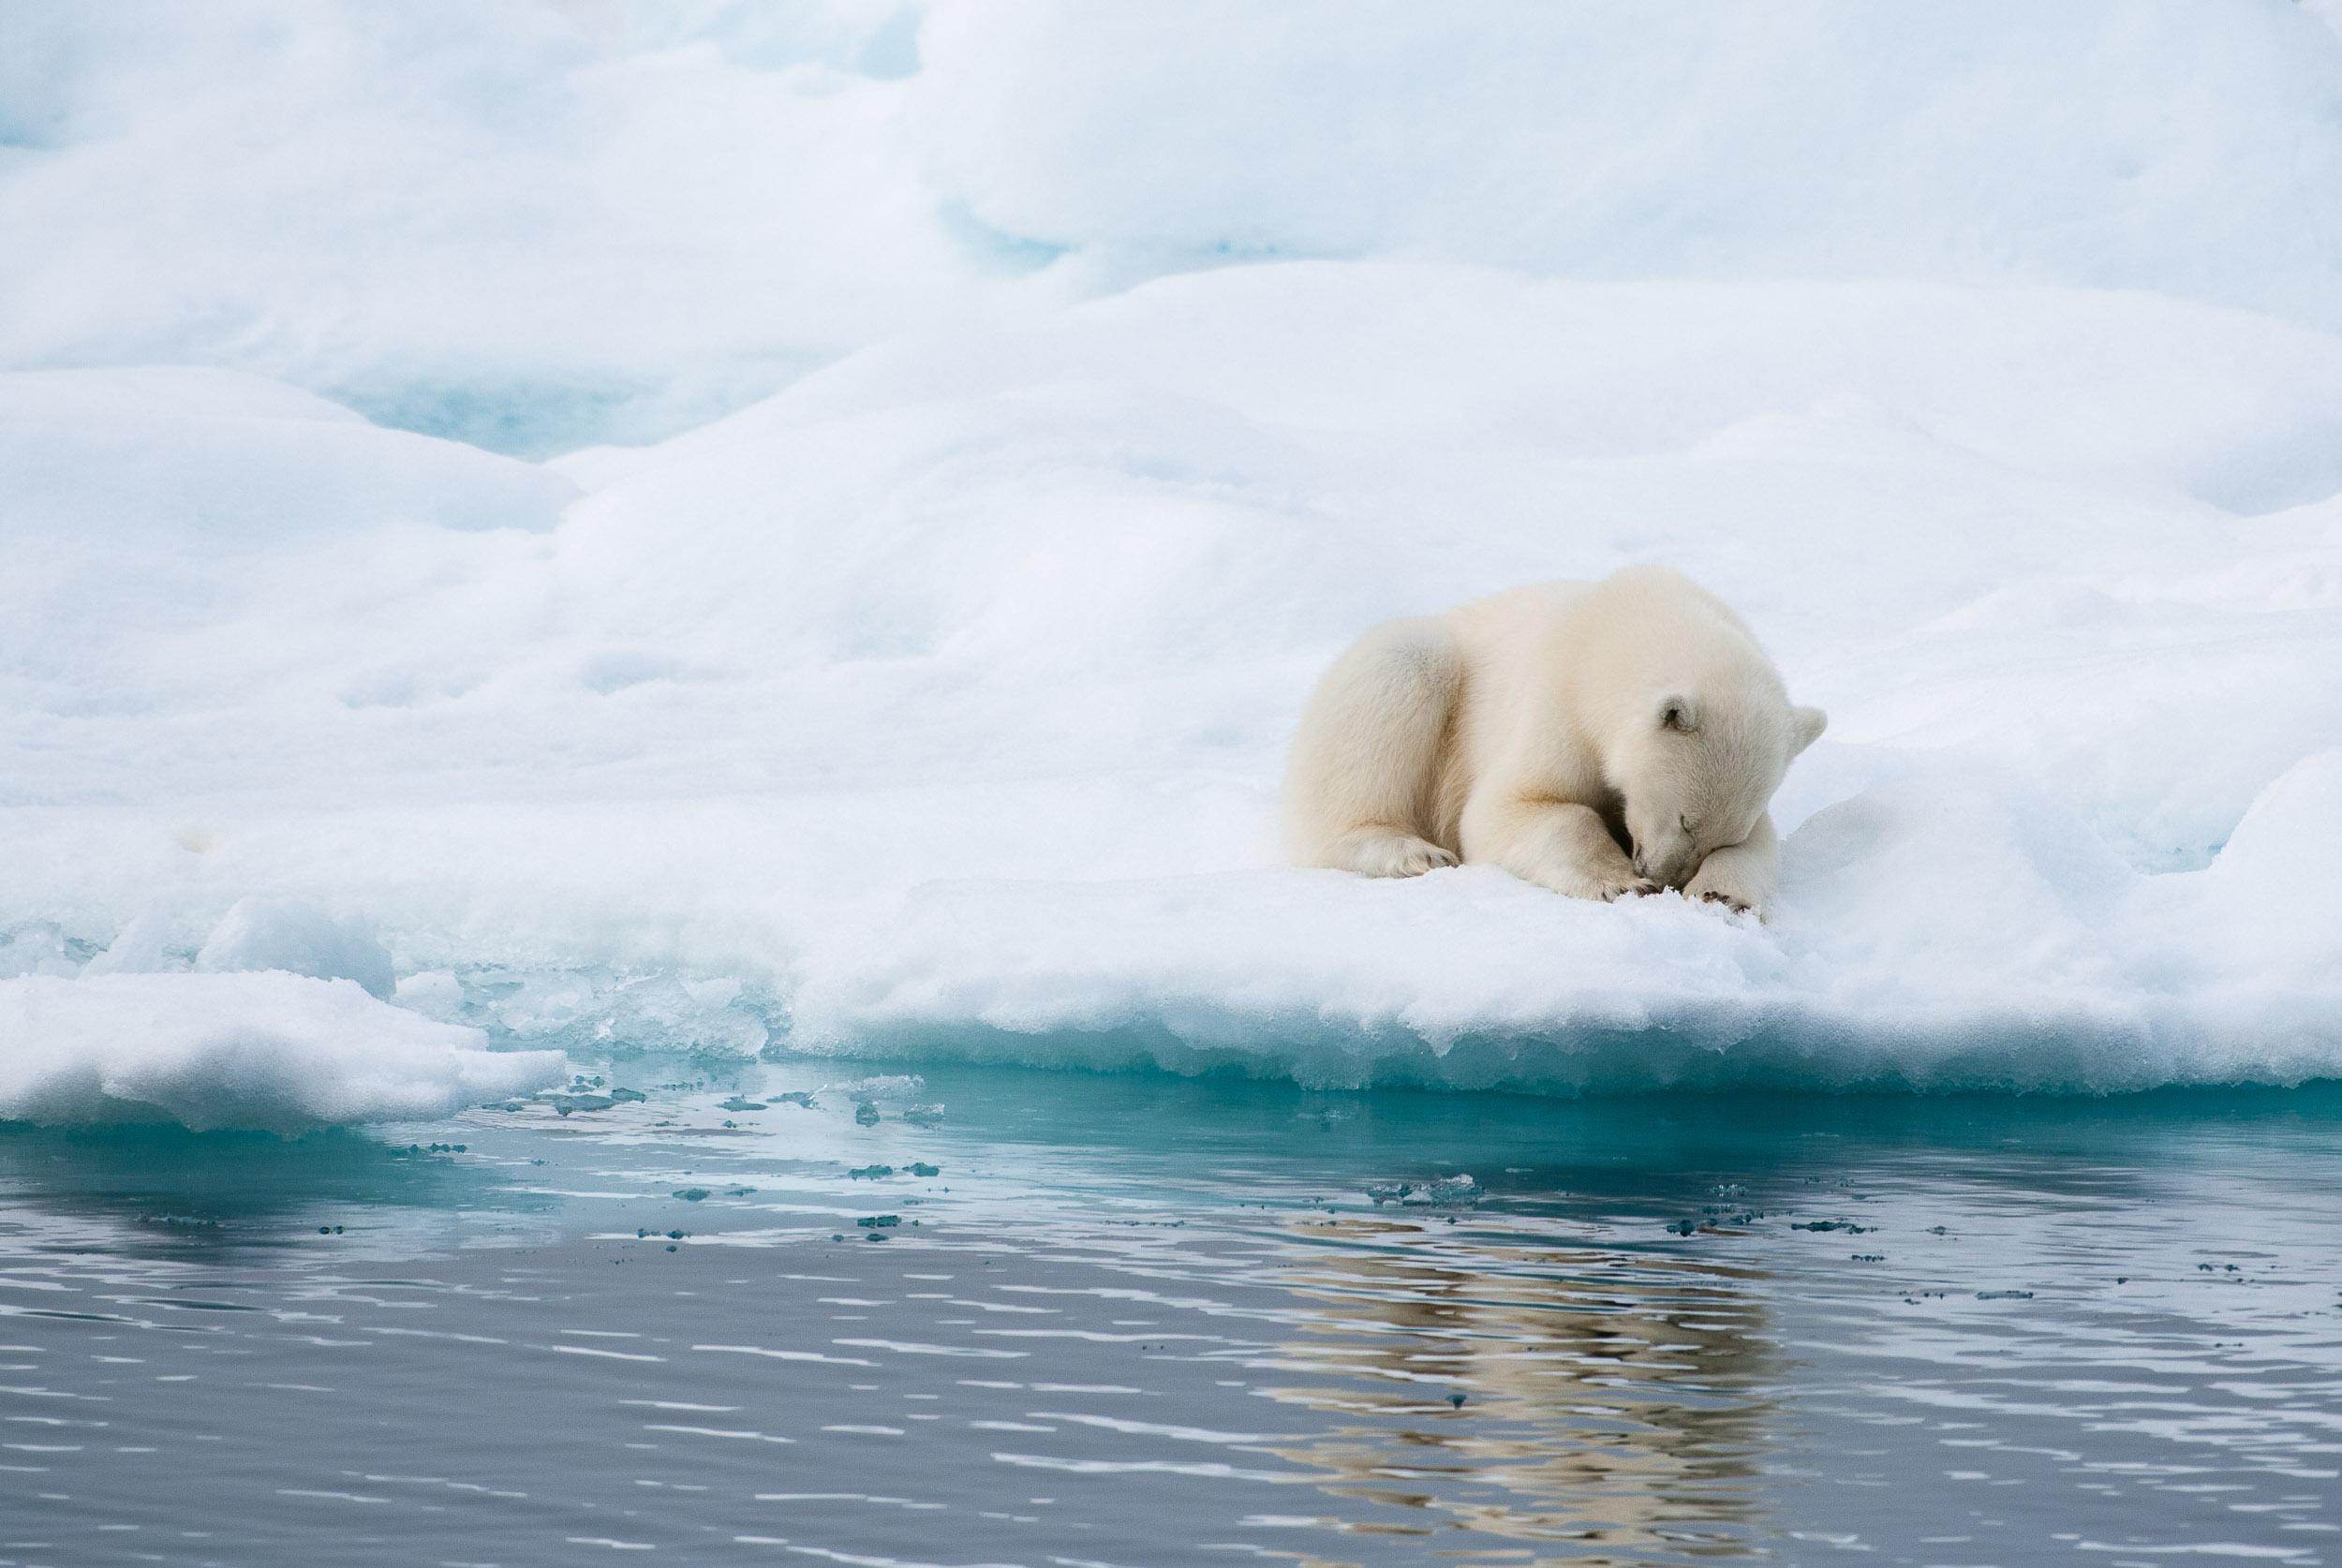 Polar bear sleeping on an ice flow, Hinlopen Straight, Svalbard, Norway.